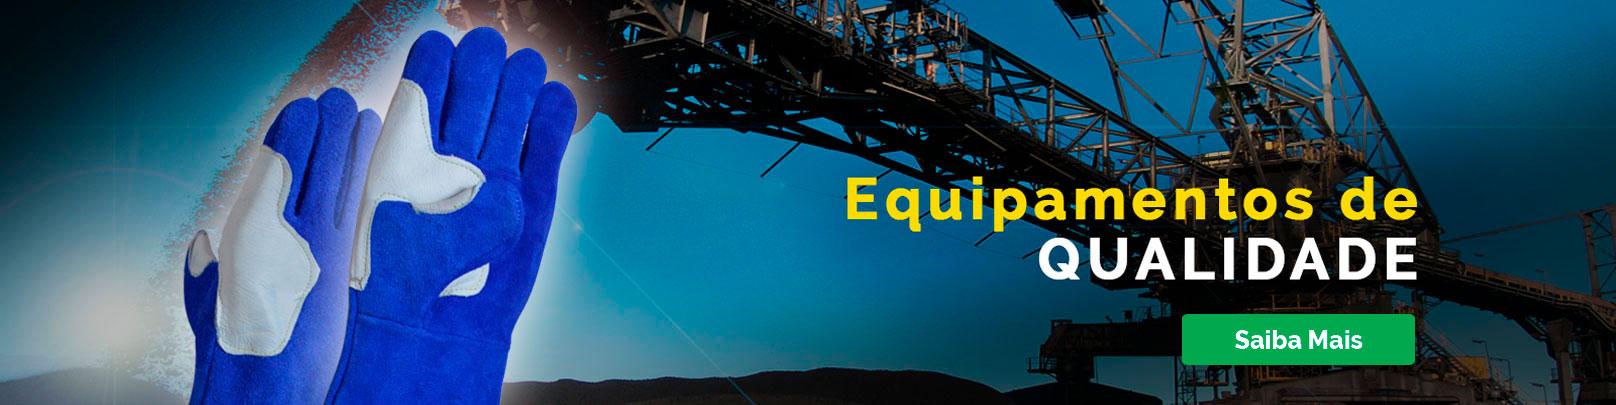 1369a600210f7 Safety EPI   Luvas da Vaqueta e Raspa, Equipamentos em Lona e tudo em EPI